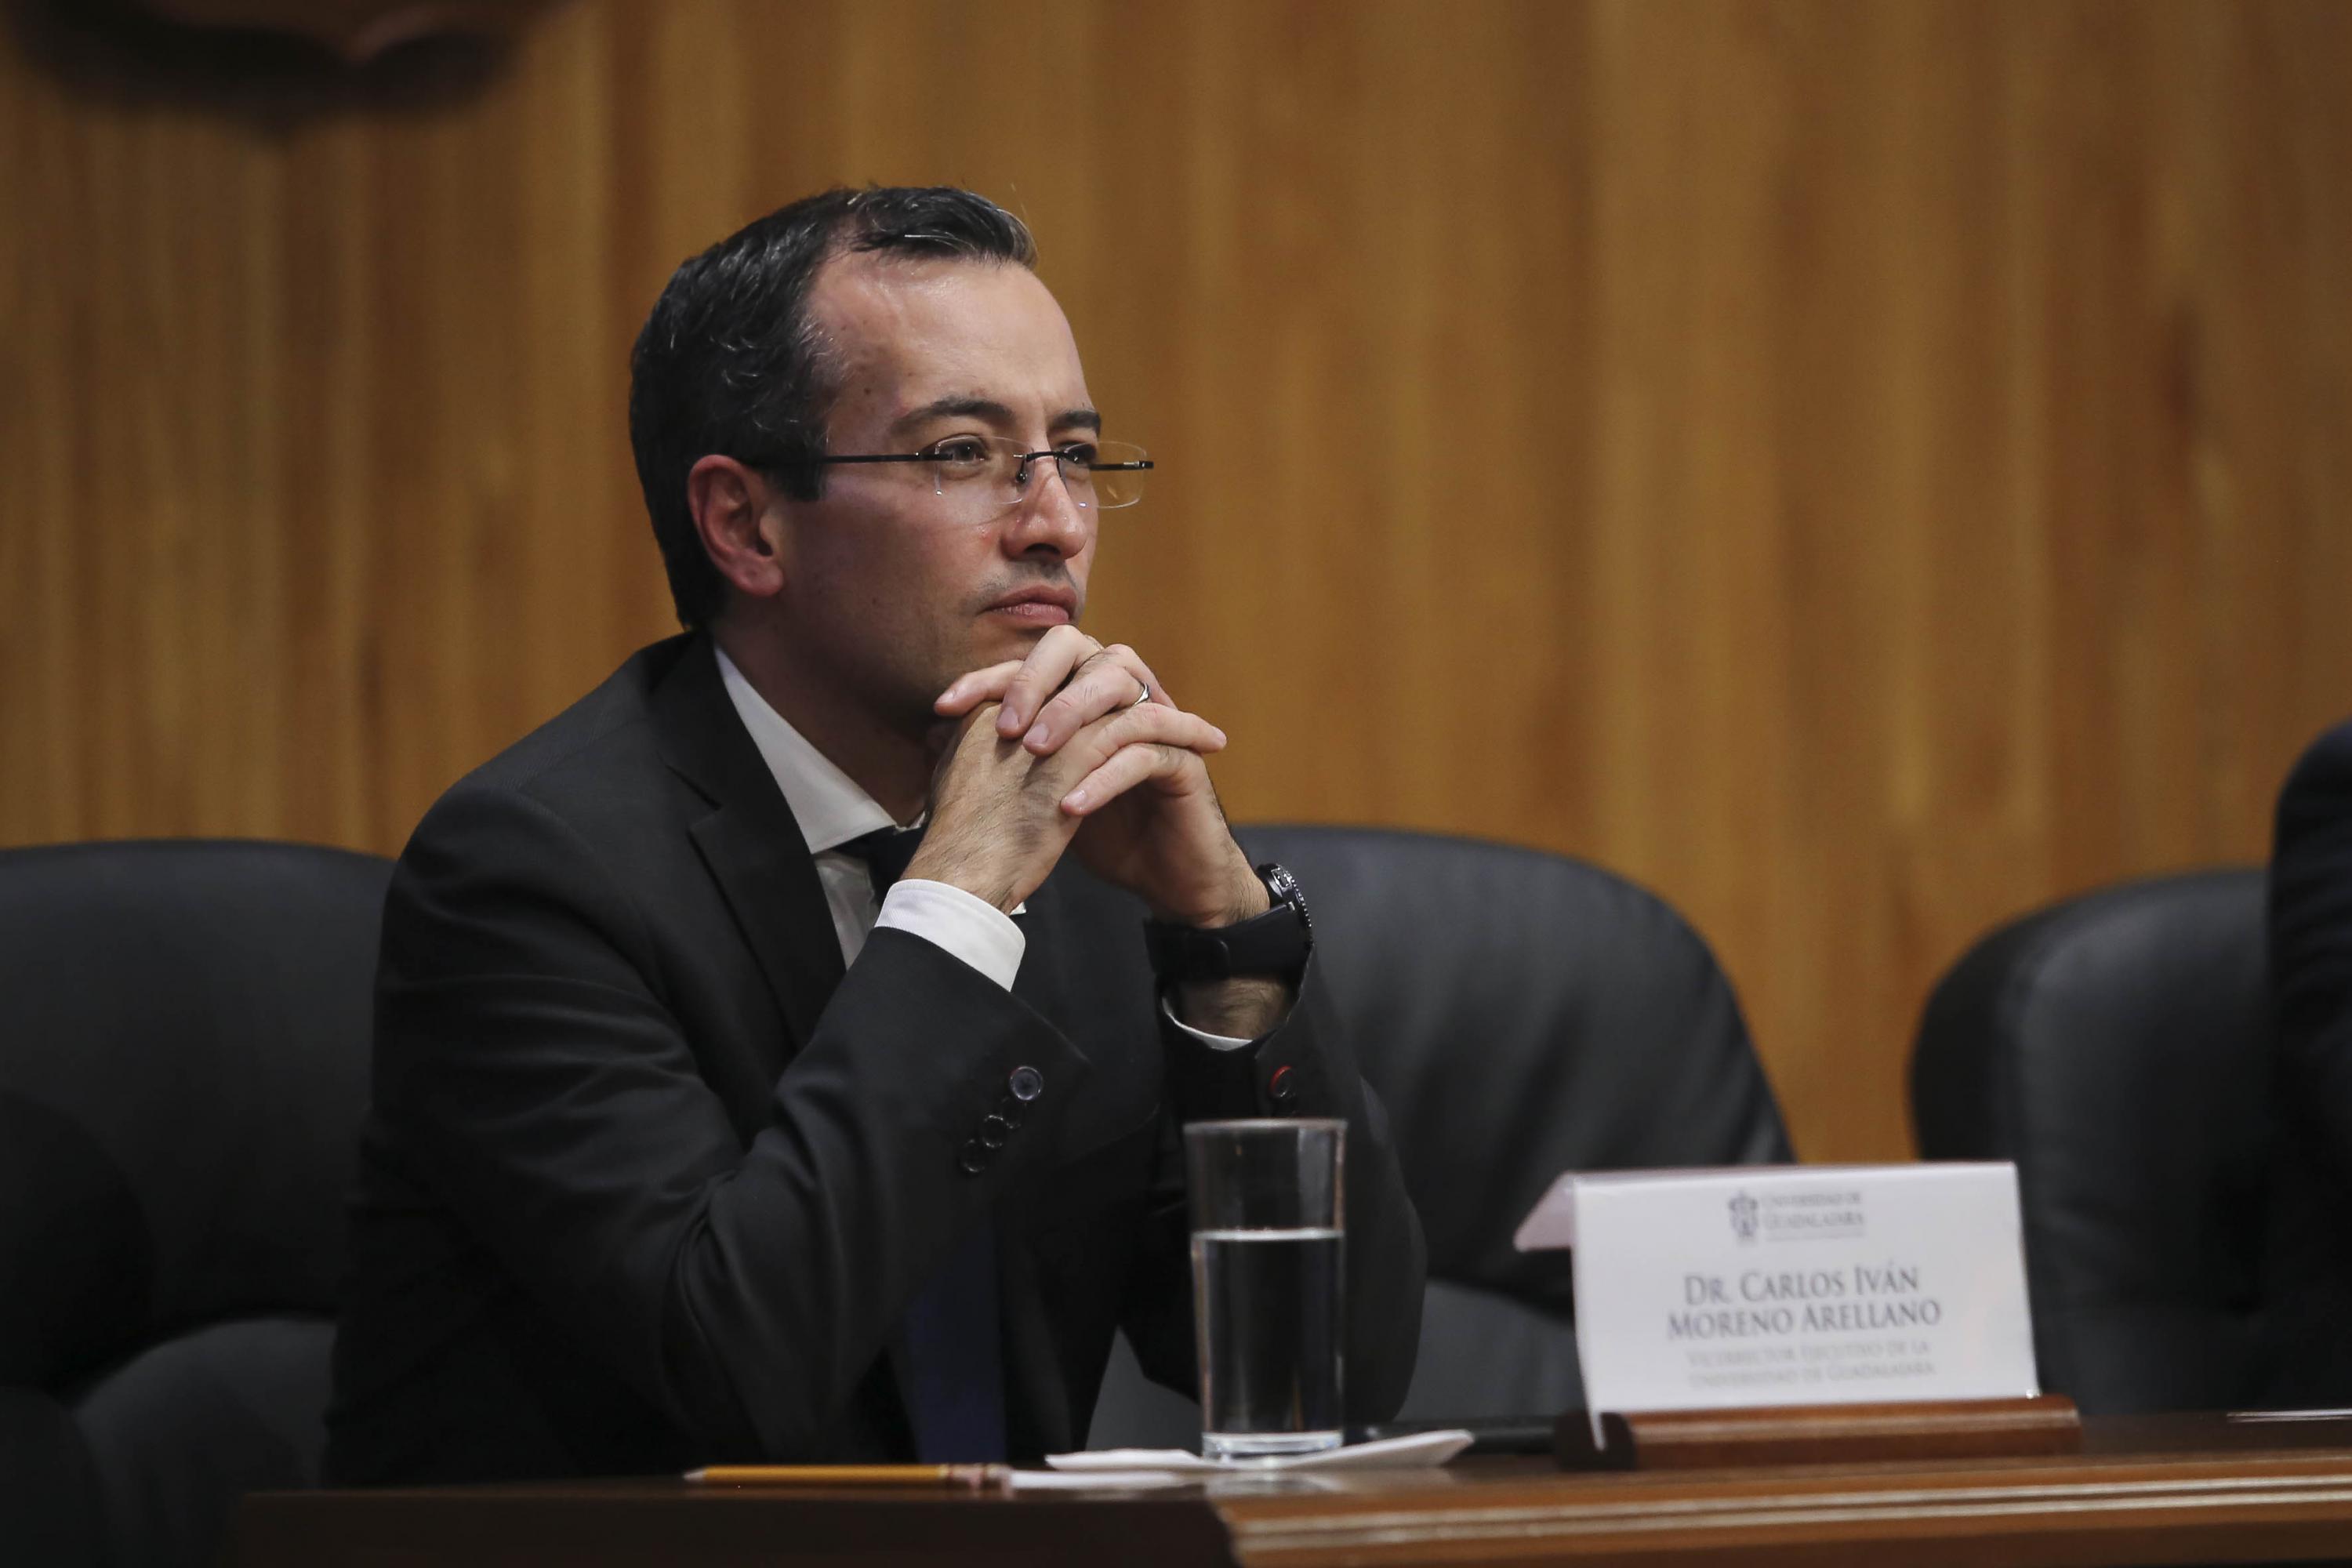 """Vicerrector Ejecutivo Carlos Ivan Moreno Arellano participando en la conferencia """"Beyond smart cities"""""""